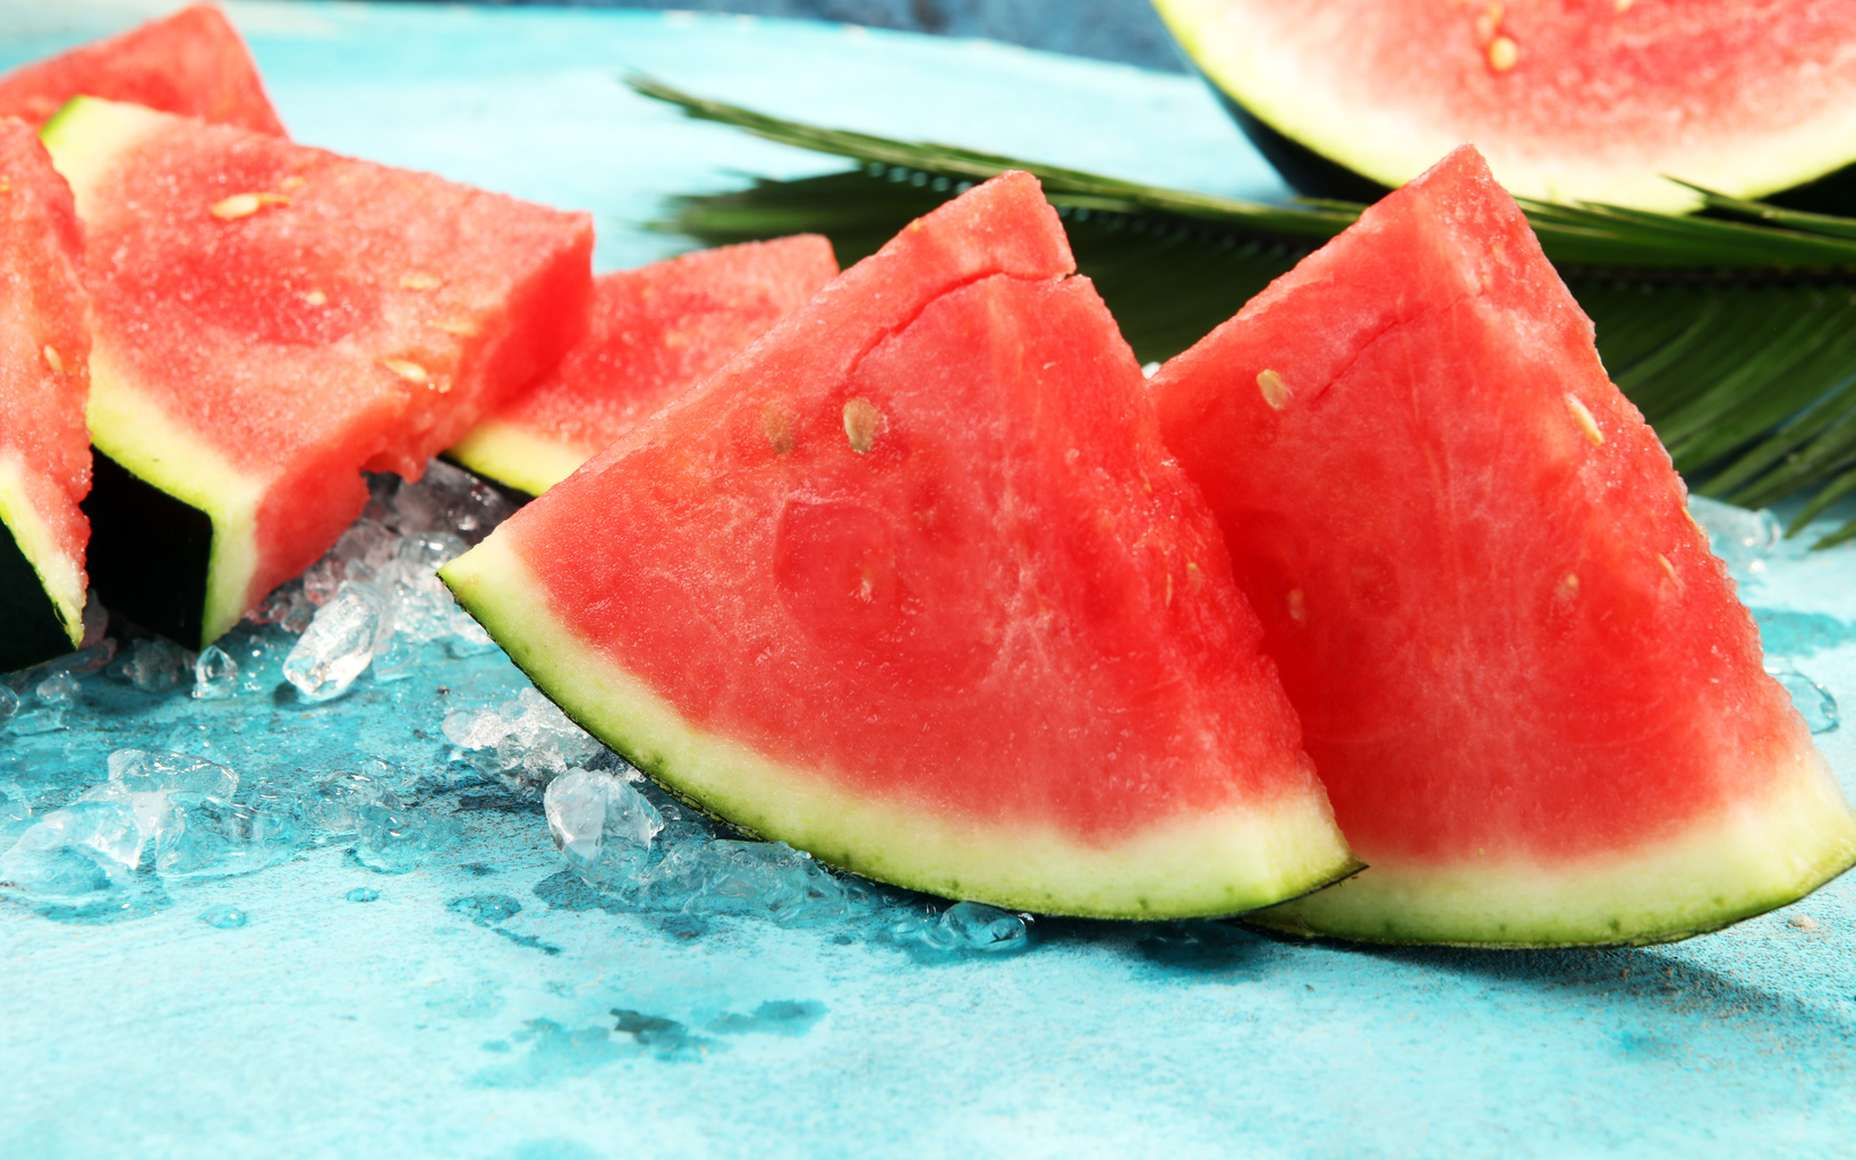 La pastèque fait partie des fruits les plus riches en eau. © beats, Fotolia